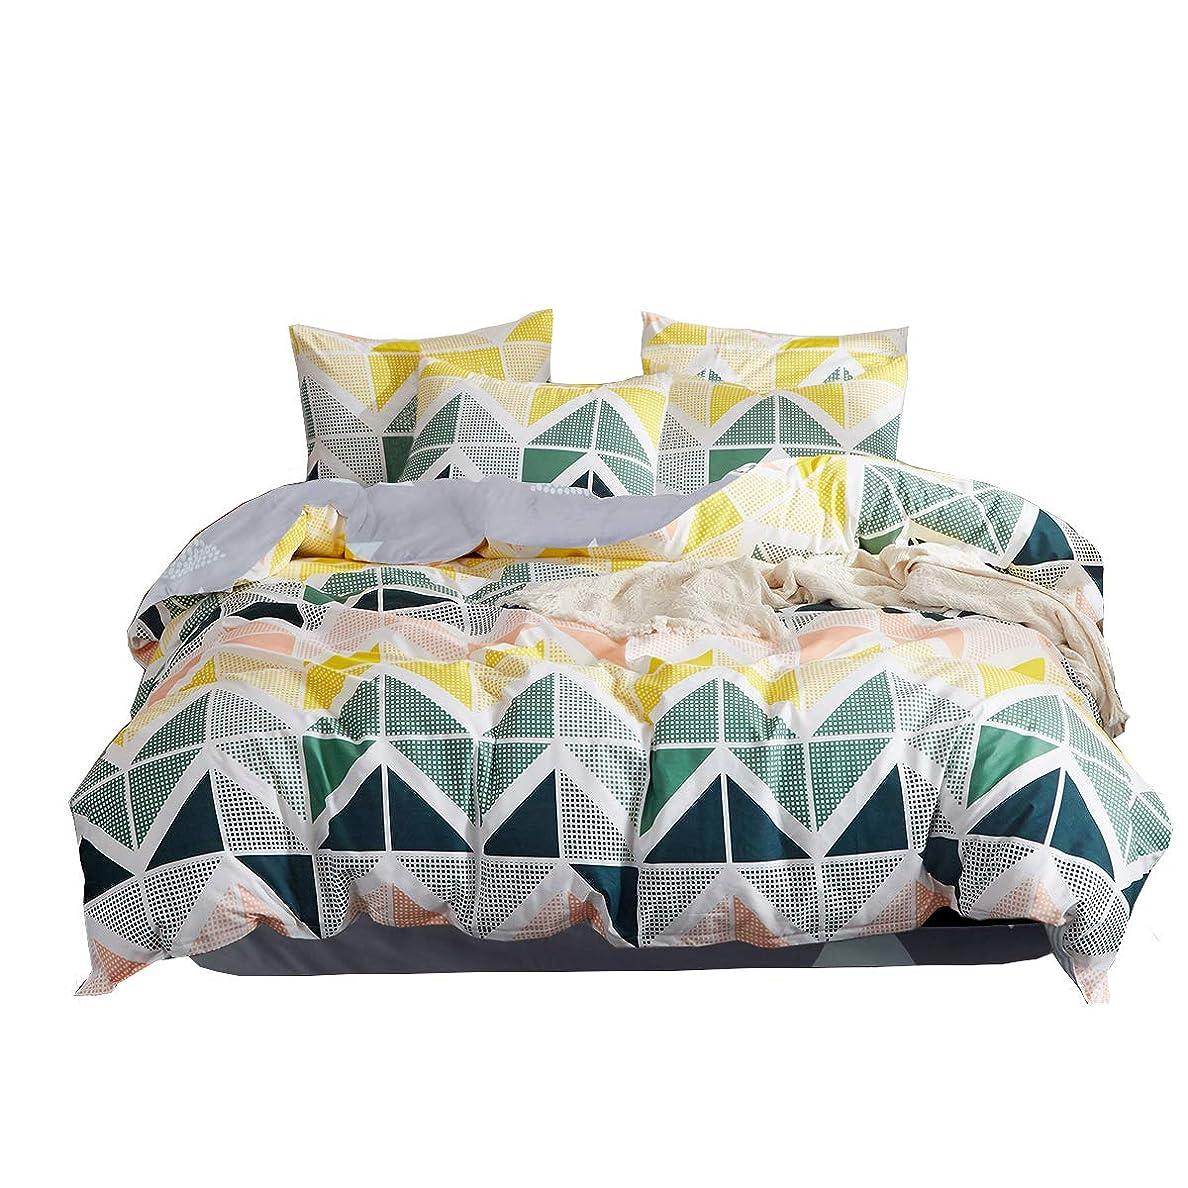 プリーツ潤滑するカビHanacat 布団カバー セミダブル 4点セット 掛け布団カバー ボックスシーツ 枕カバー 洋式 ベッド用 幾何柄 カラフル